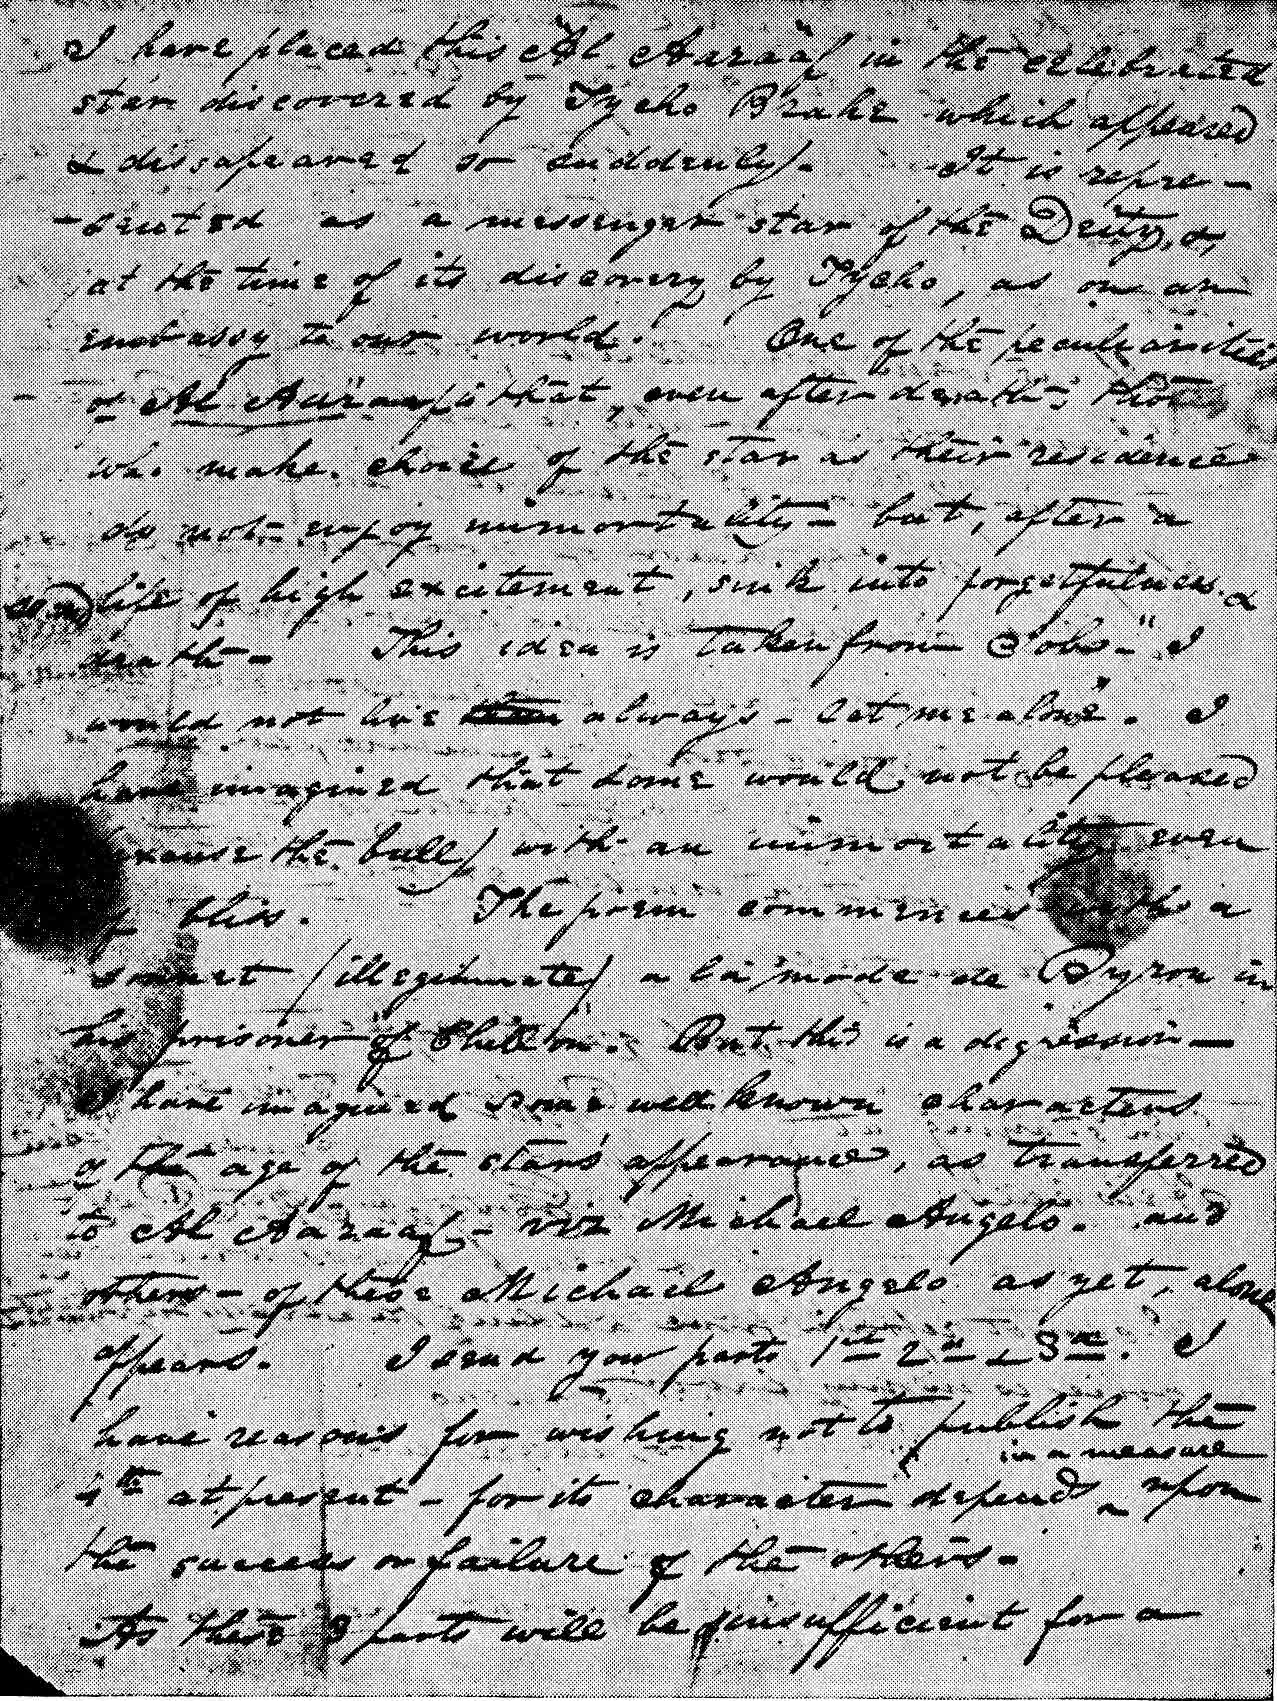 letter to john allan